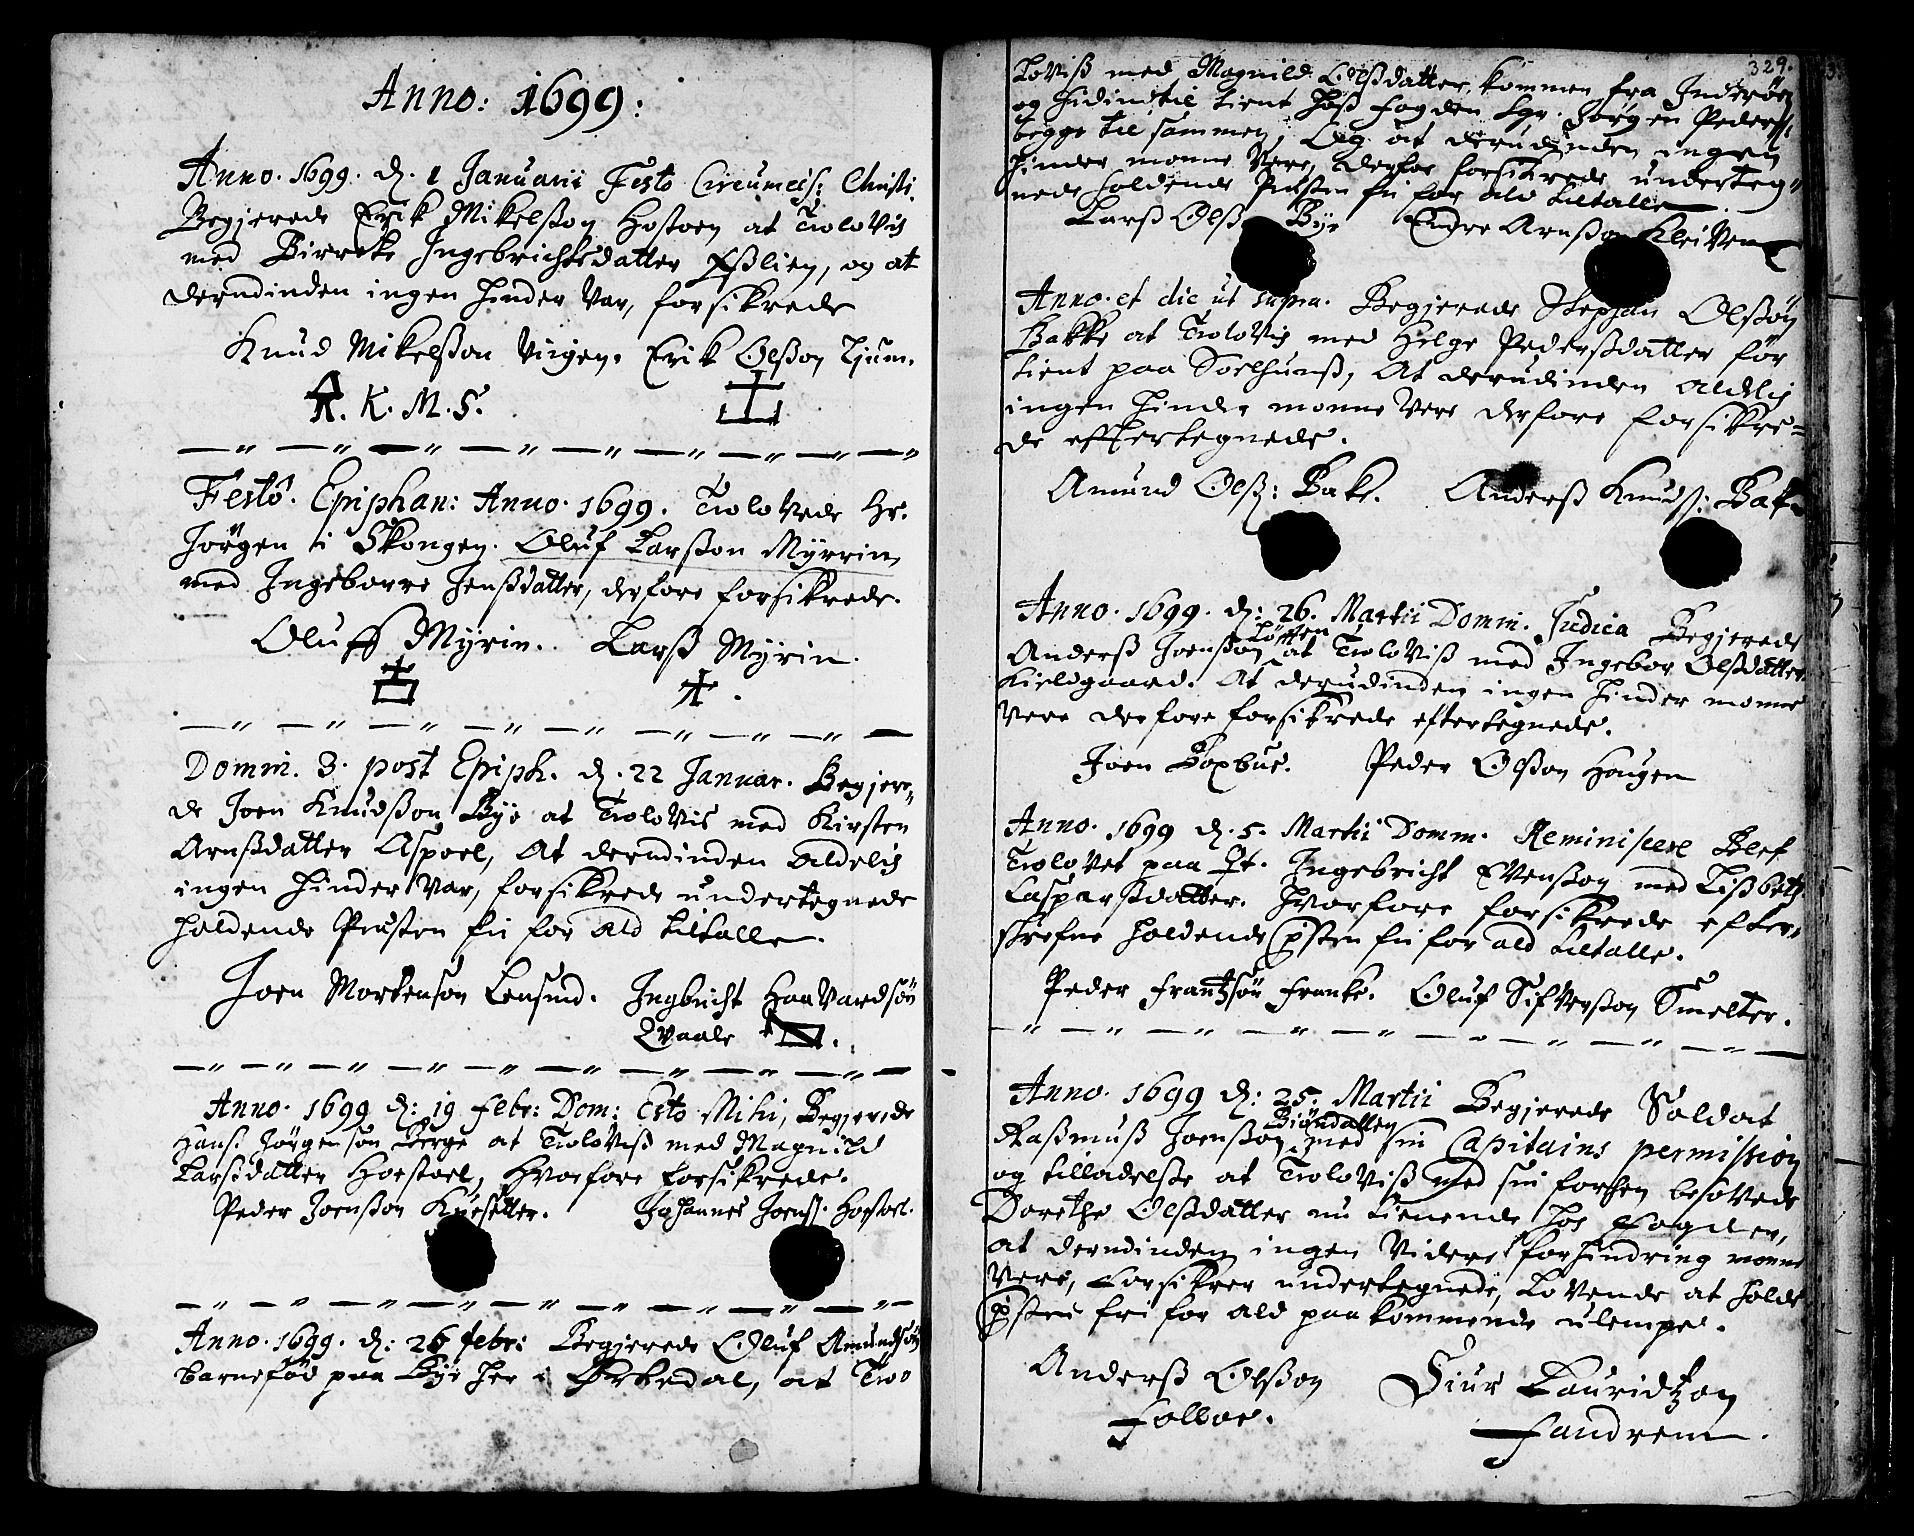 SAT, Ministerialprotokoller, klokkerbøker og fødselsregistre - Sør-Trøndelag, 668/L0801: Ministerialbok nr. 668A01, 1695-1716, s. 328-329